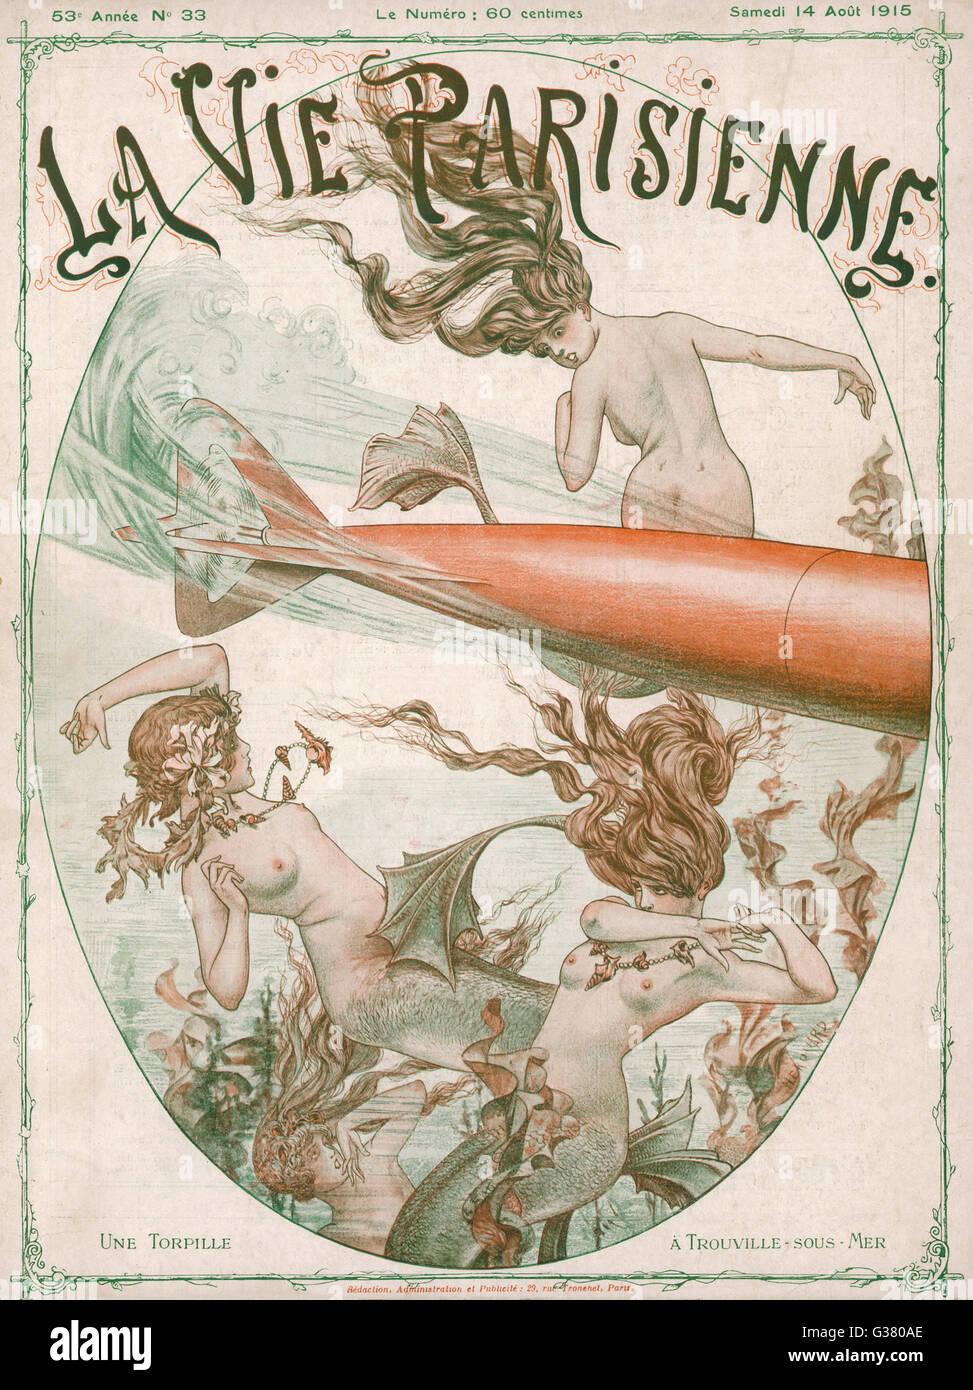 Die Mer-Menschen finden ihre friedliche Domäne drangen durch die Torpedos der Weltkrieg ein Datum: 1915 Stockbild